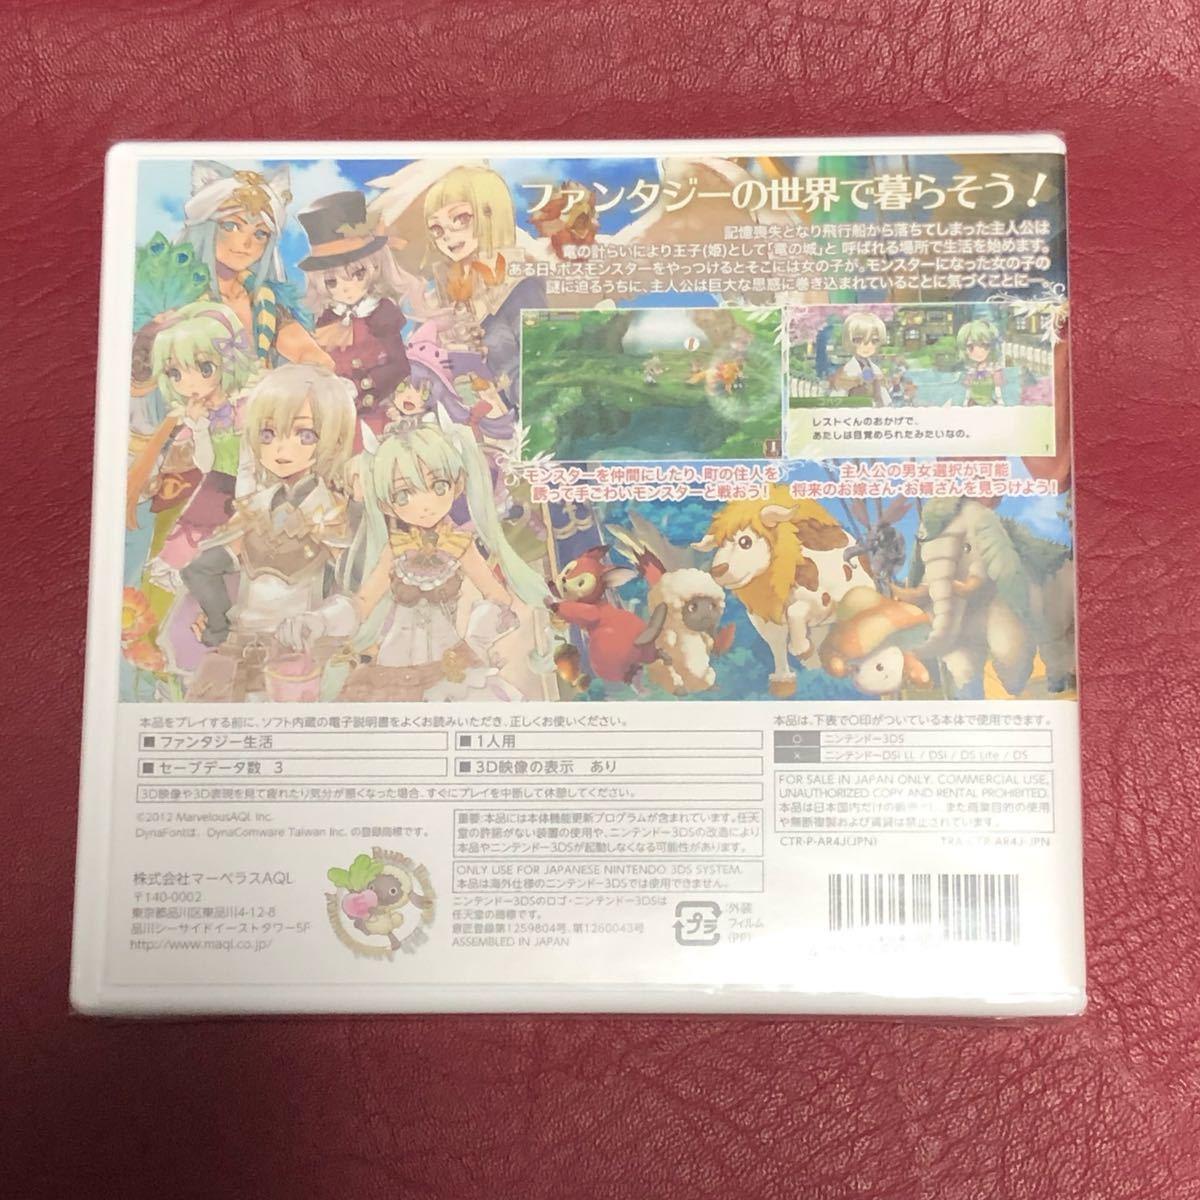 ルーンファクトリー4 3DSソフト